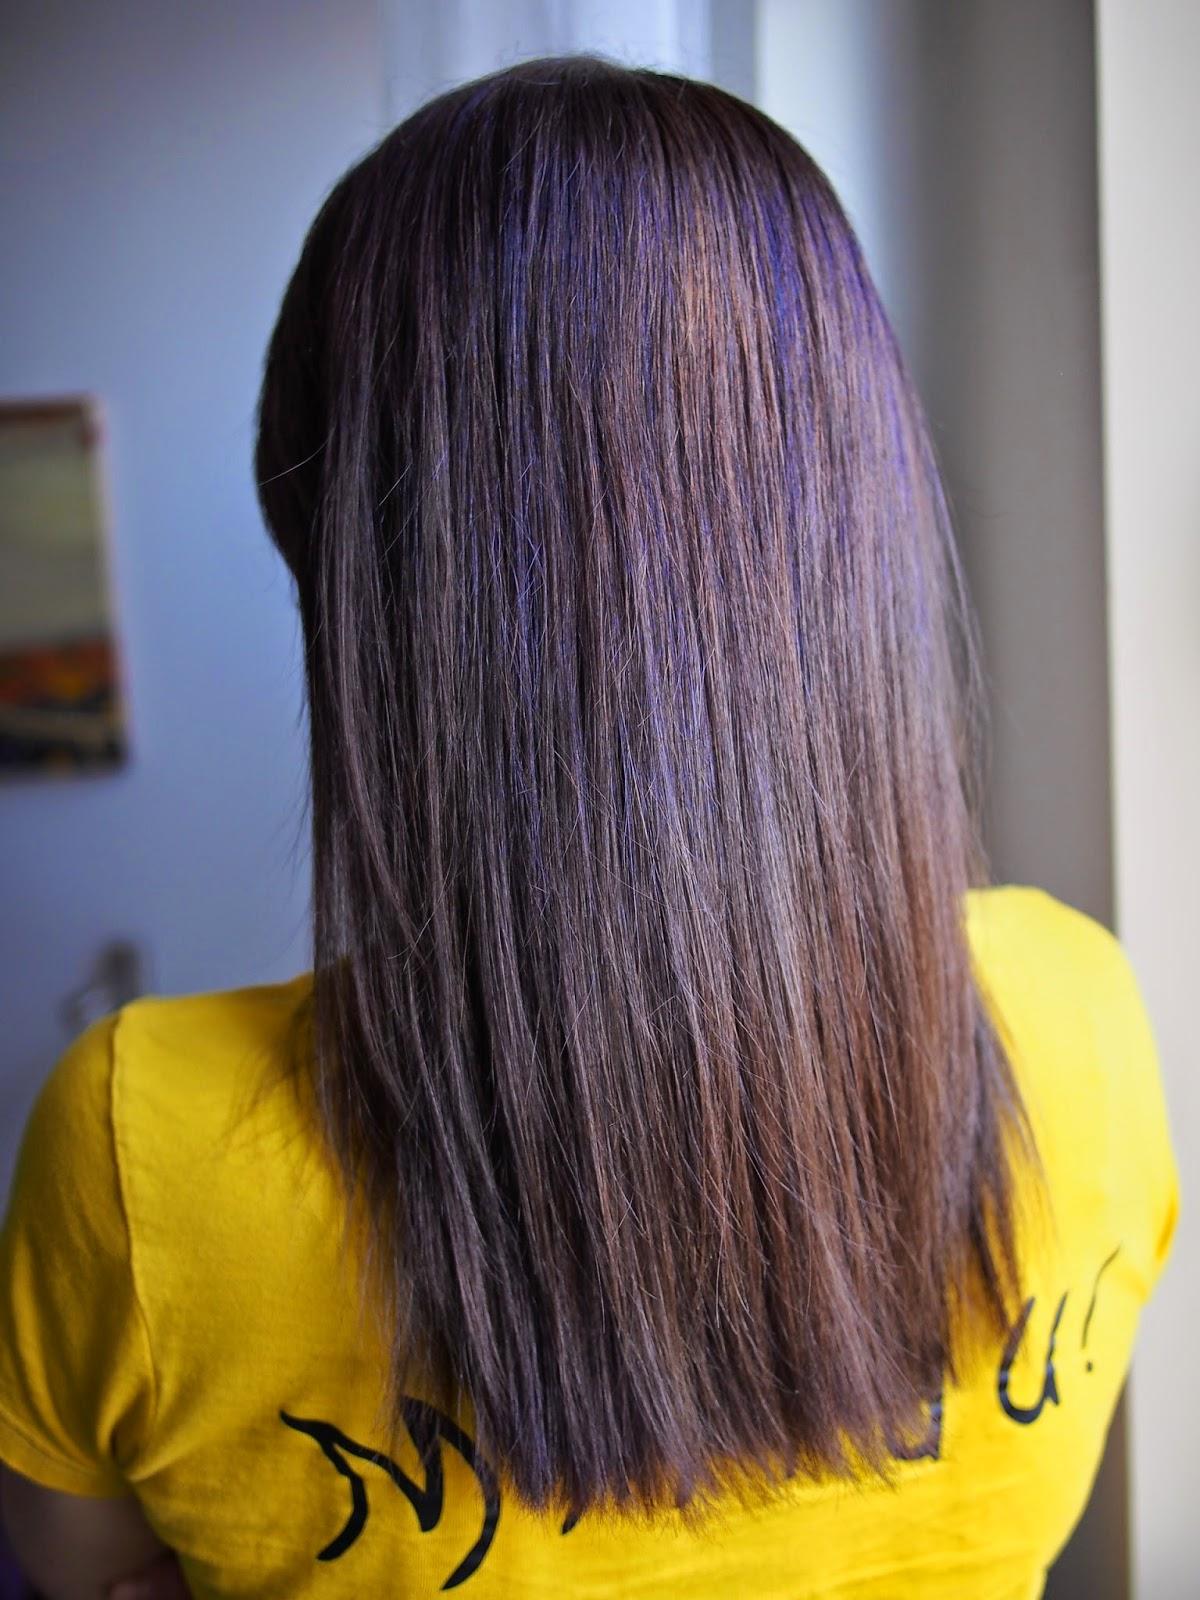 Rozjasnienie ciemnych włosów - druga wizyta u fryzjera